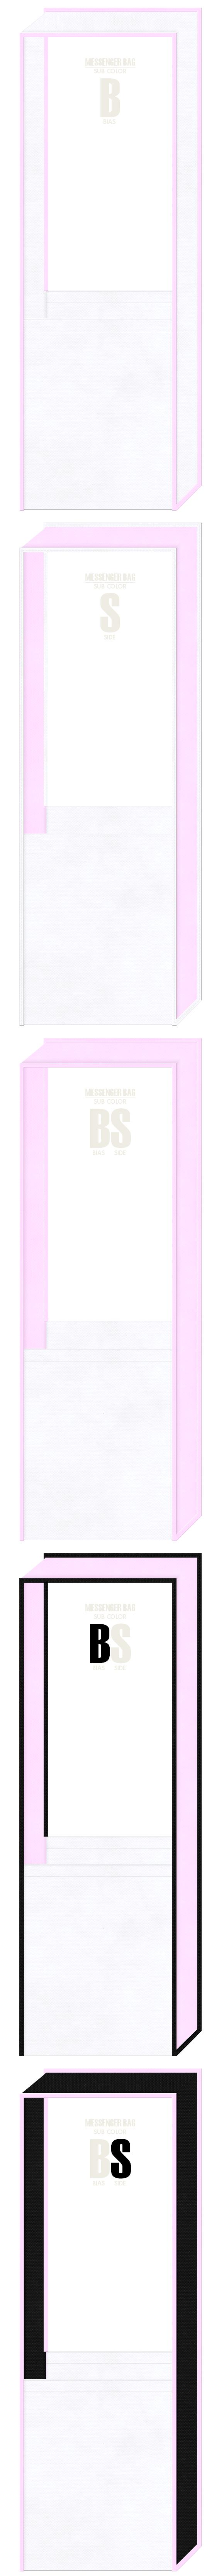 スポーツイベントにお奨め:白色・パステルピンク色・黒色の3色を使用した、不織布メッセンジャーバッグのデザイン